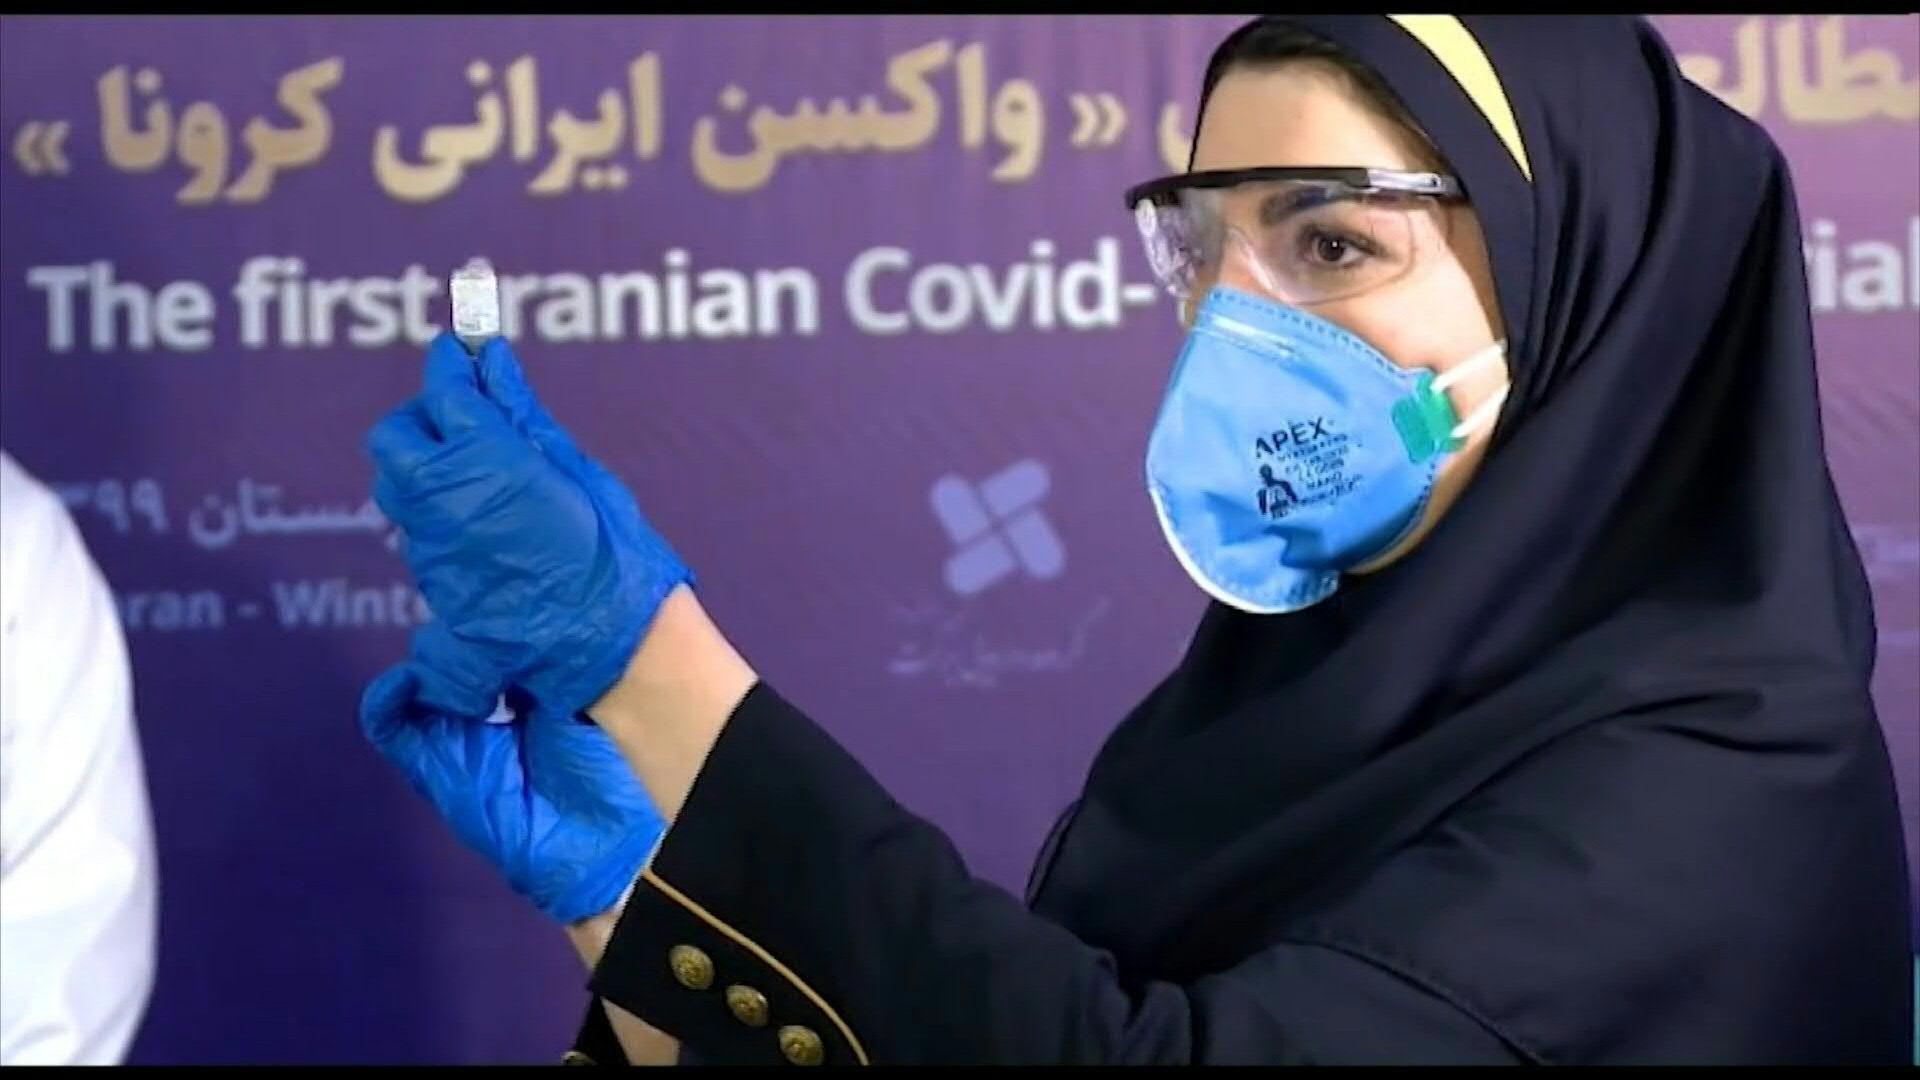 إيران تعلن بدء التطعيم ضد كورونا خلال الشهرين المقبلين